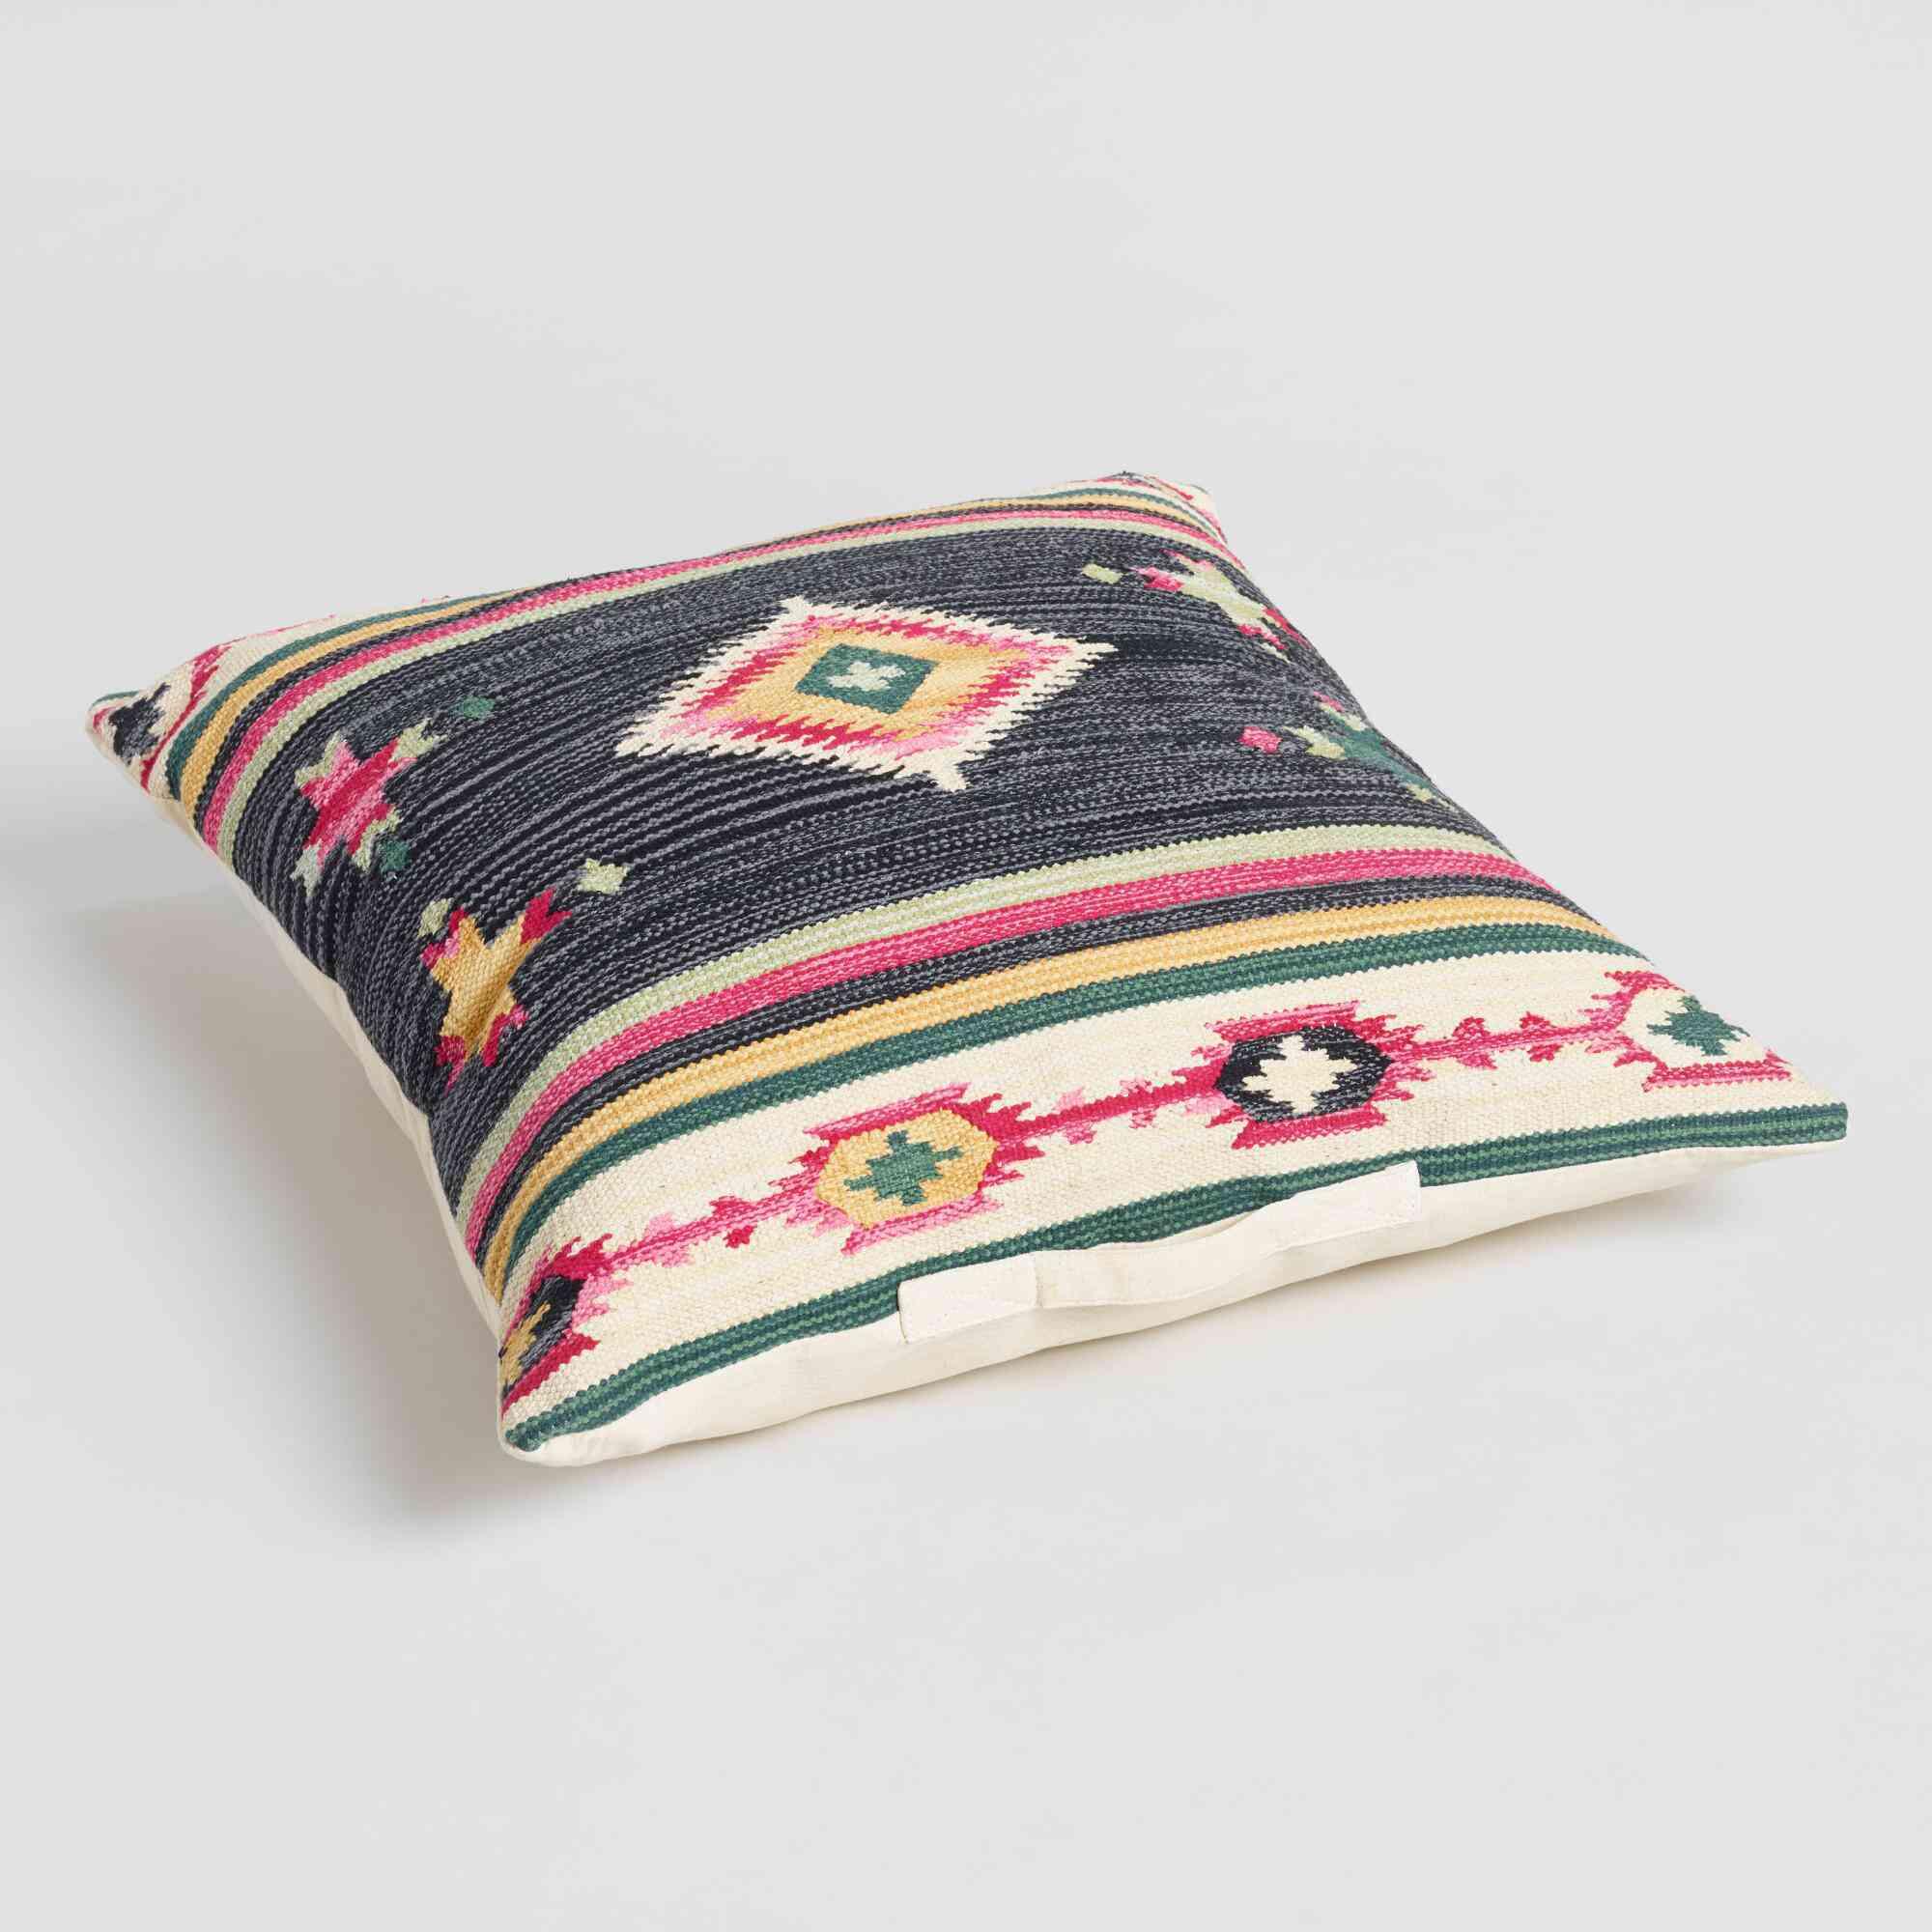 Black Gabbeh Kilim Floor Cushion